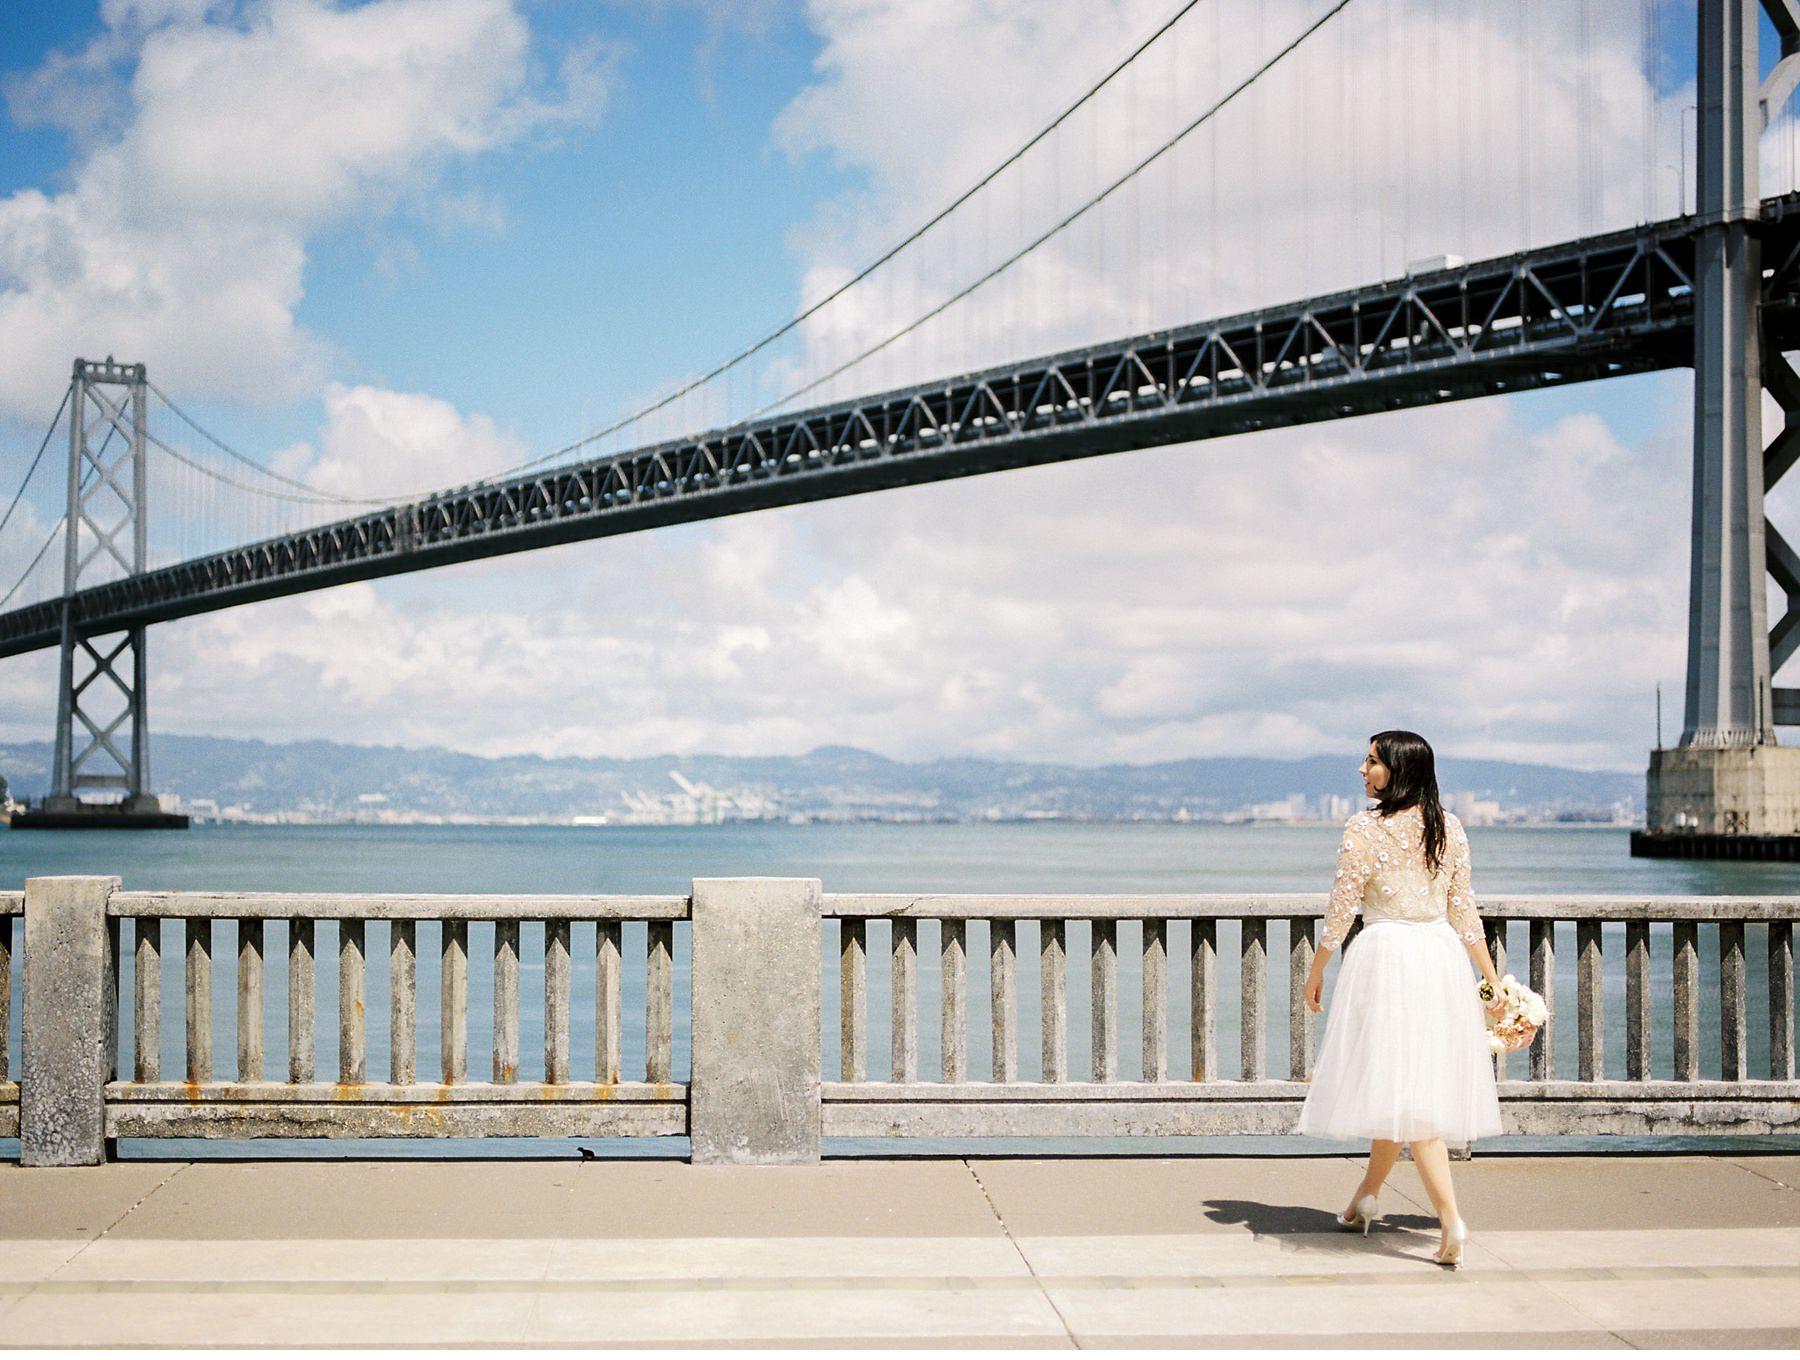 sf-city-hall-wedding-vantigo-tour-california_0017.jpg